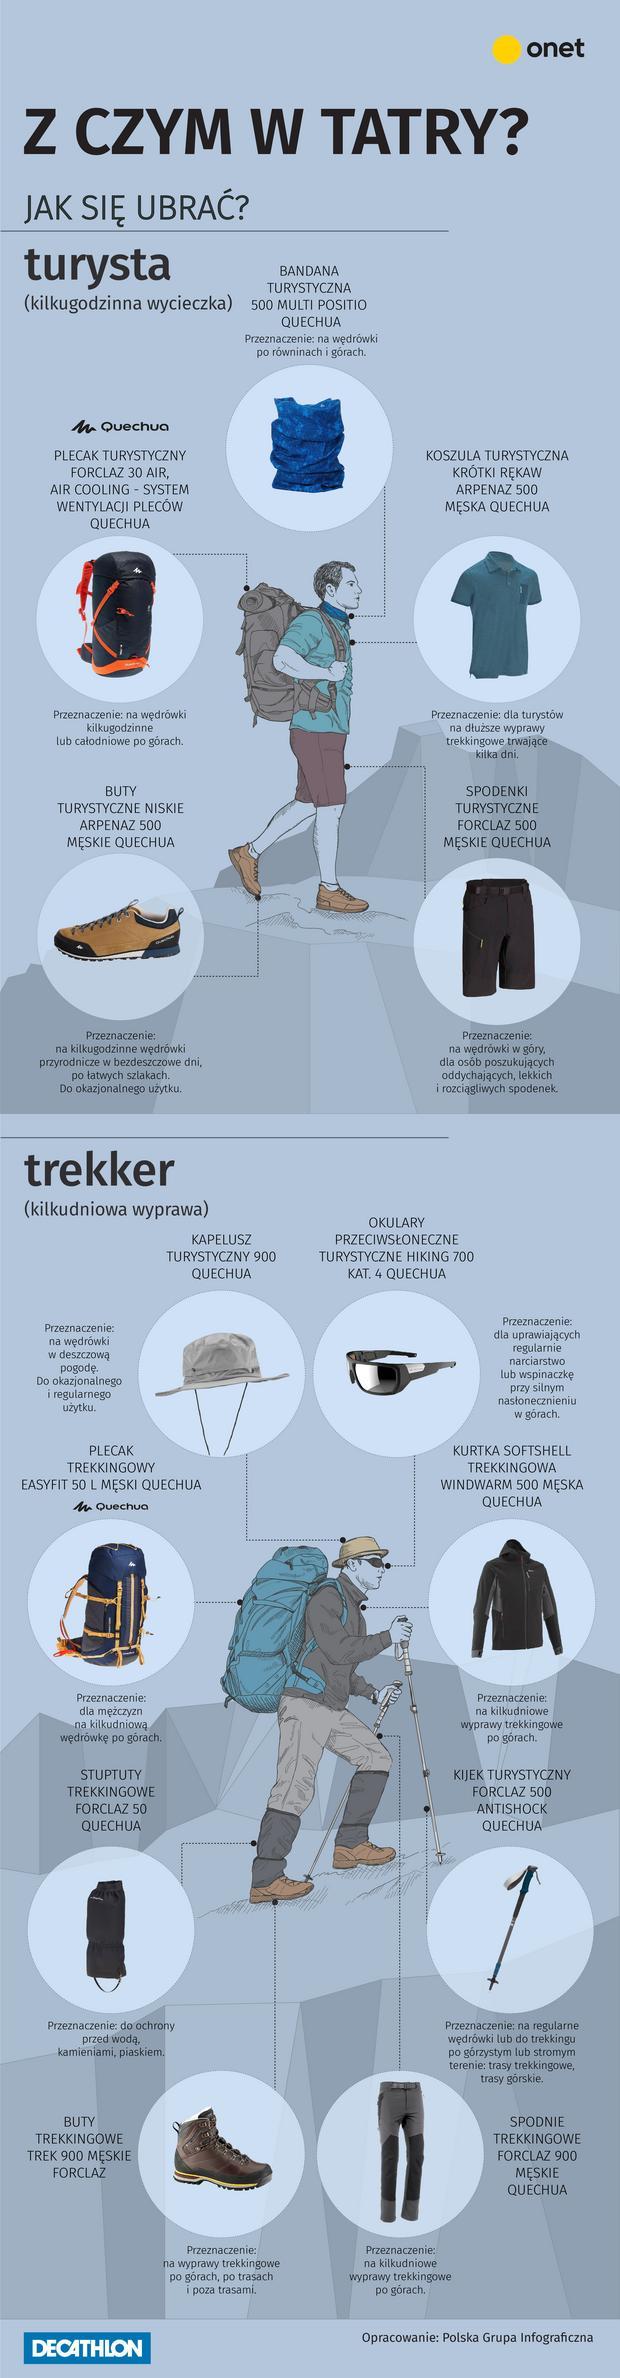 Jak się ubrać